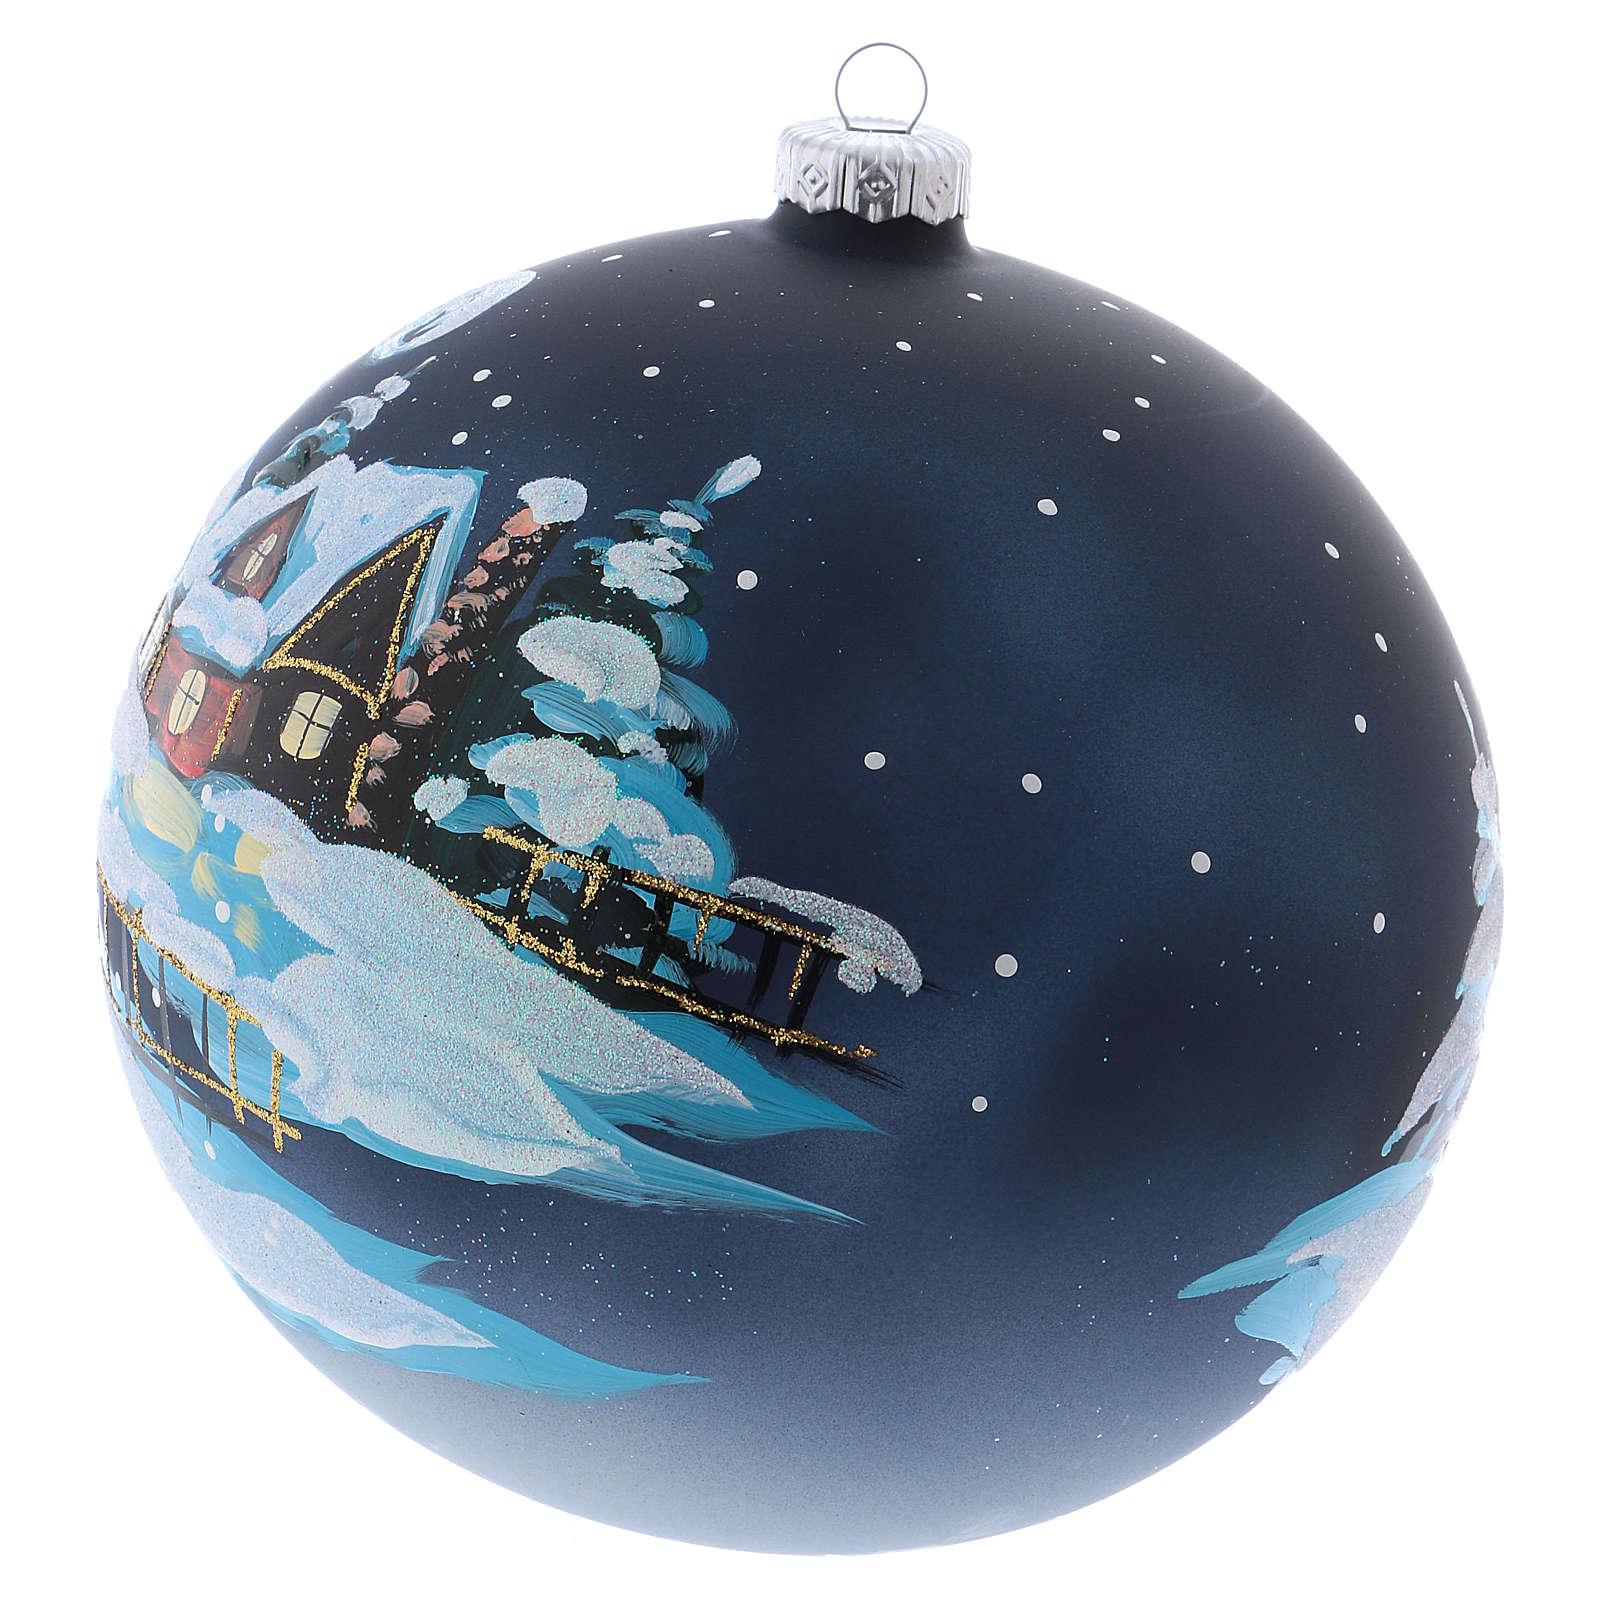 Weihnachtsbaumkugel aus mundgeblasenem Glas Motiv schneebedecktes Alpendorf 150 mm 4